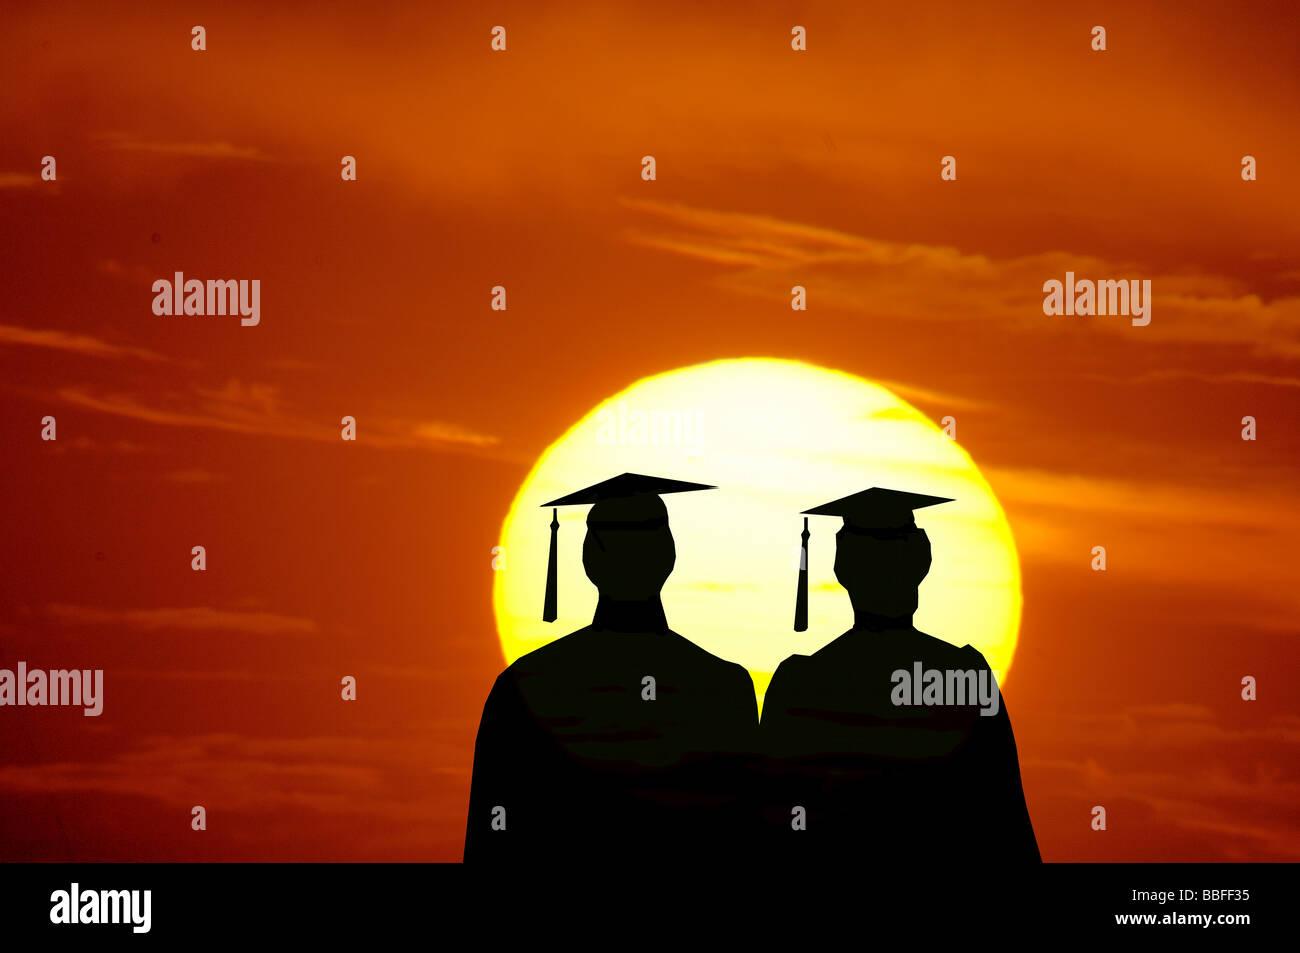 Ilustración vectorial de machos y hembras de graduados mirando al atardecer Imagen De Stock